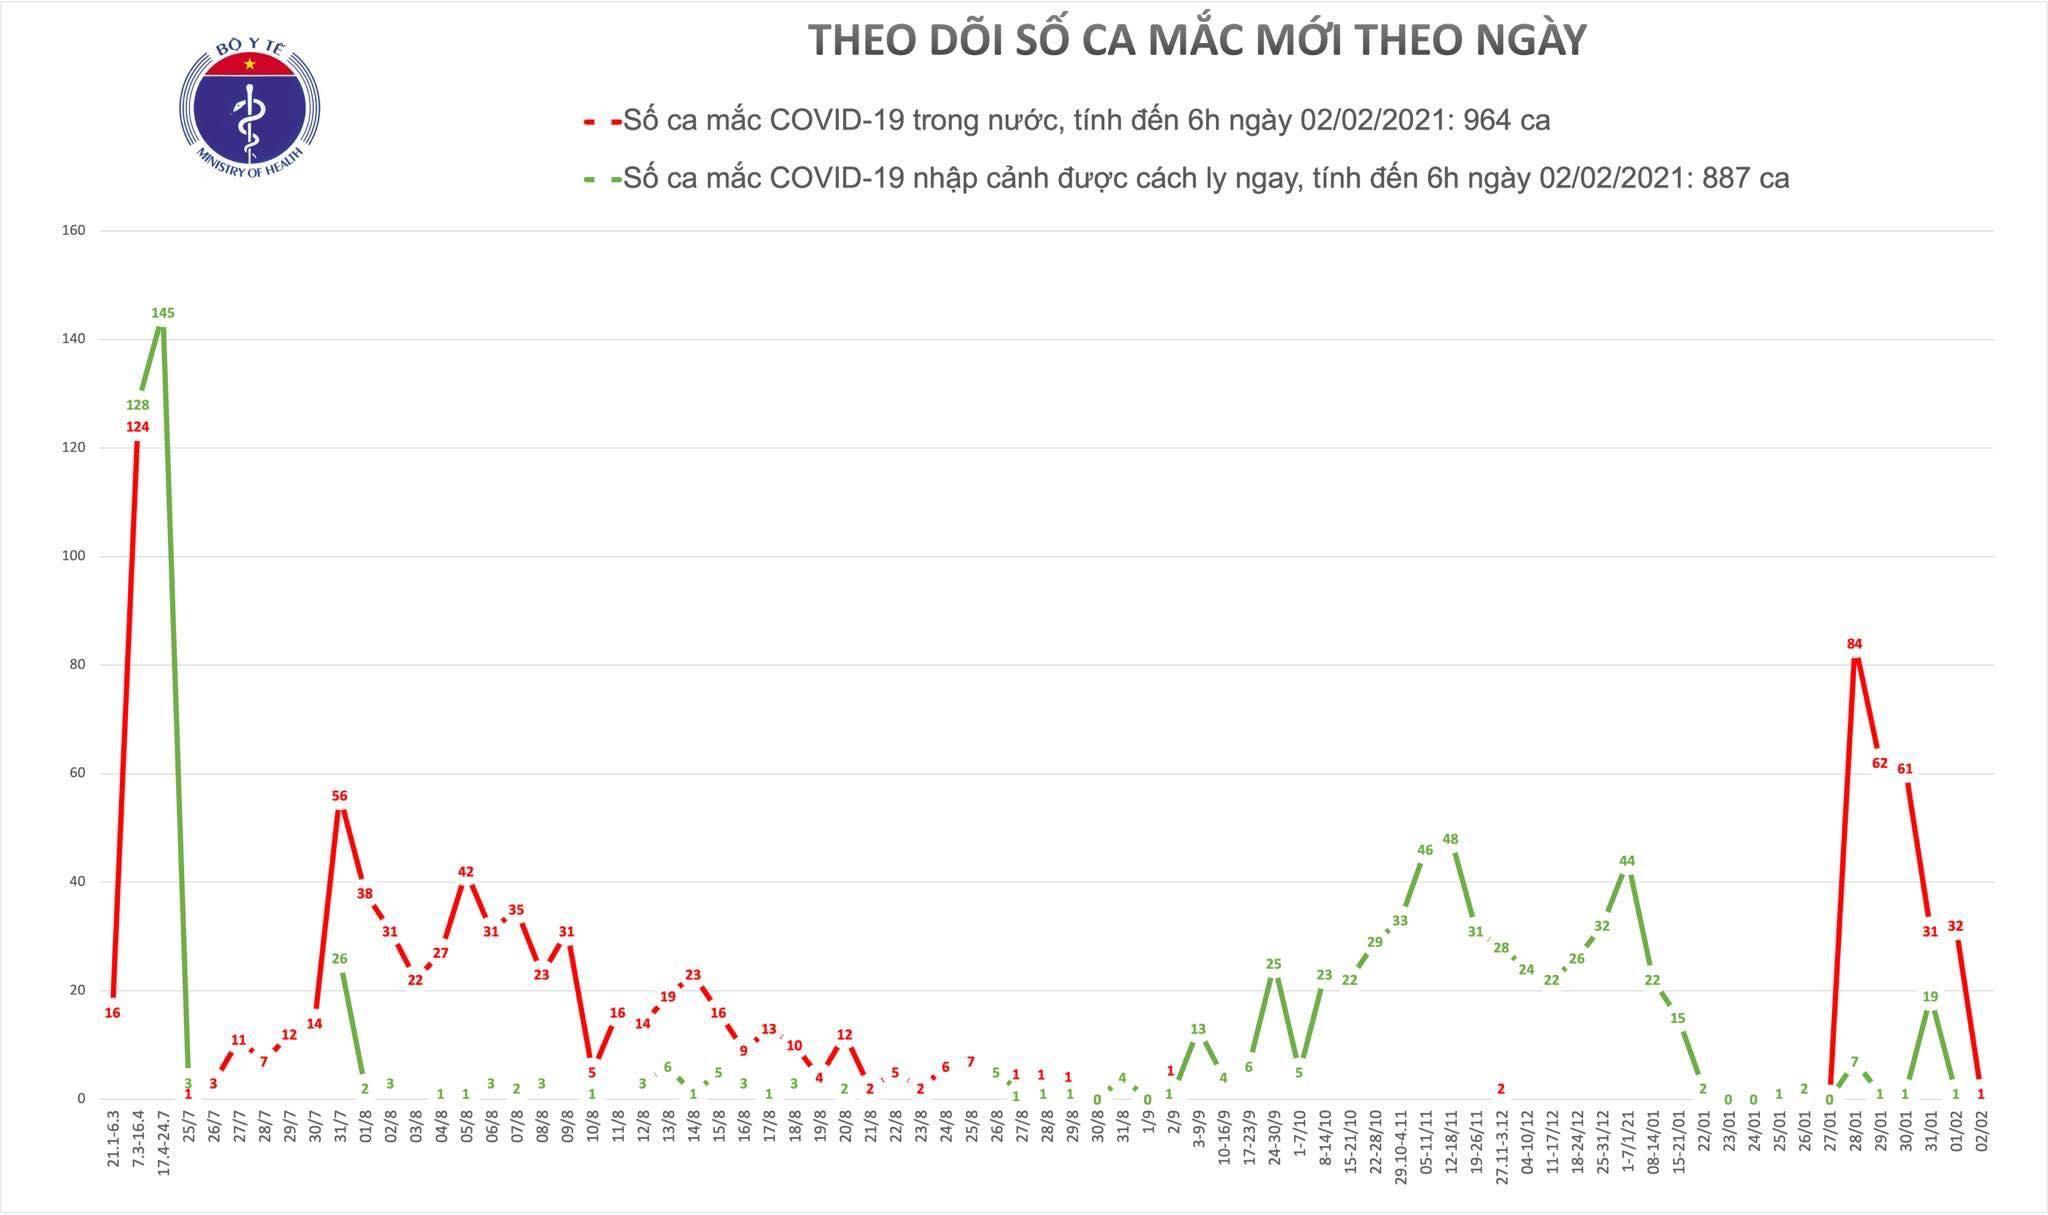 Đường biến thiên ca Covid-19 trong 6 ngày qua, theo dữ liệu Bộ Y tế.